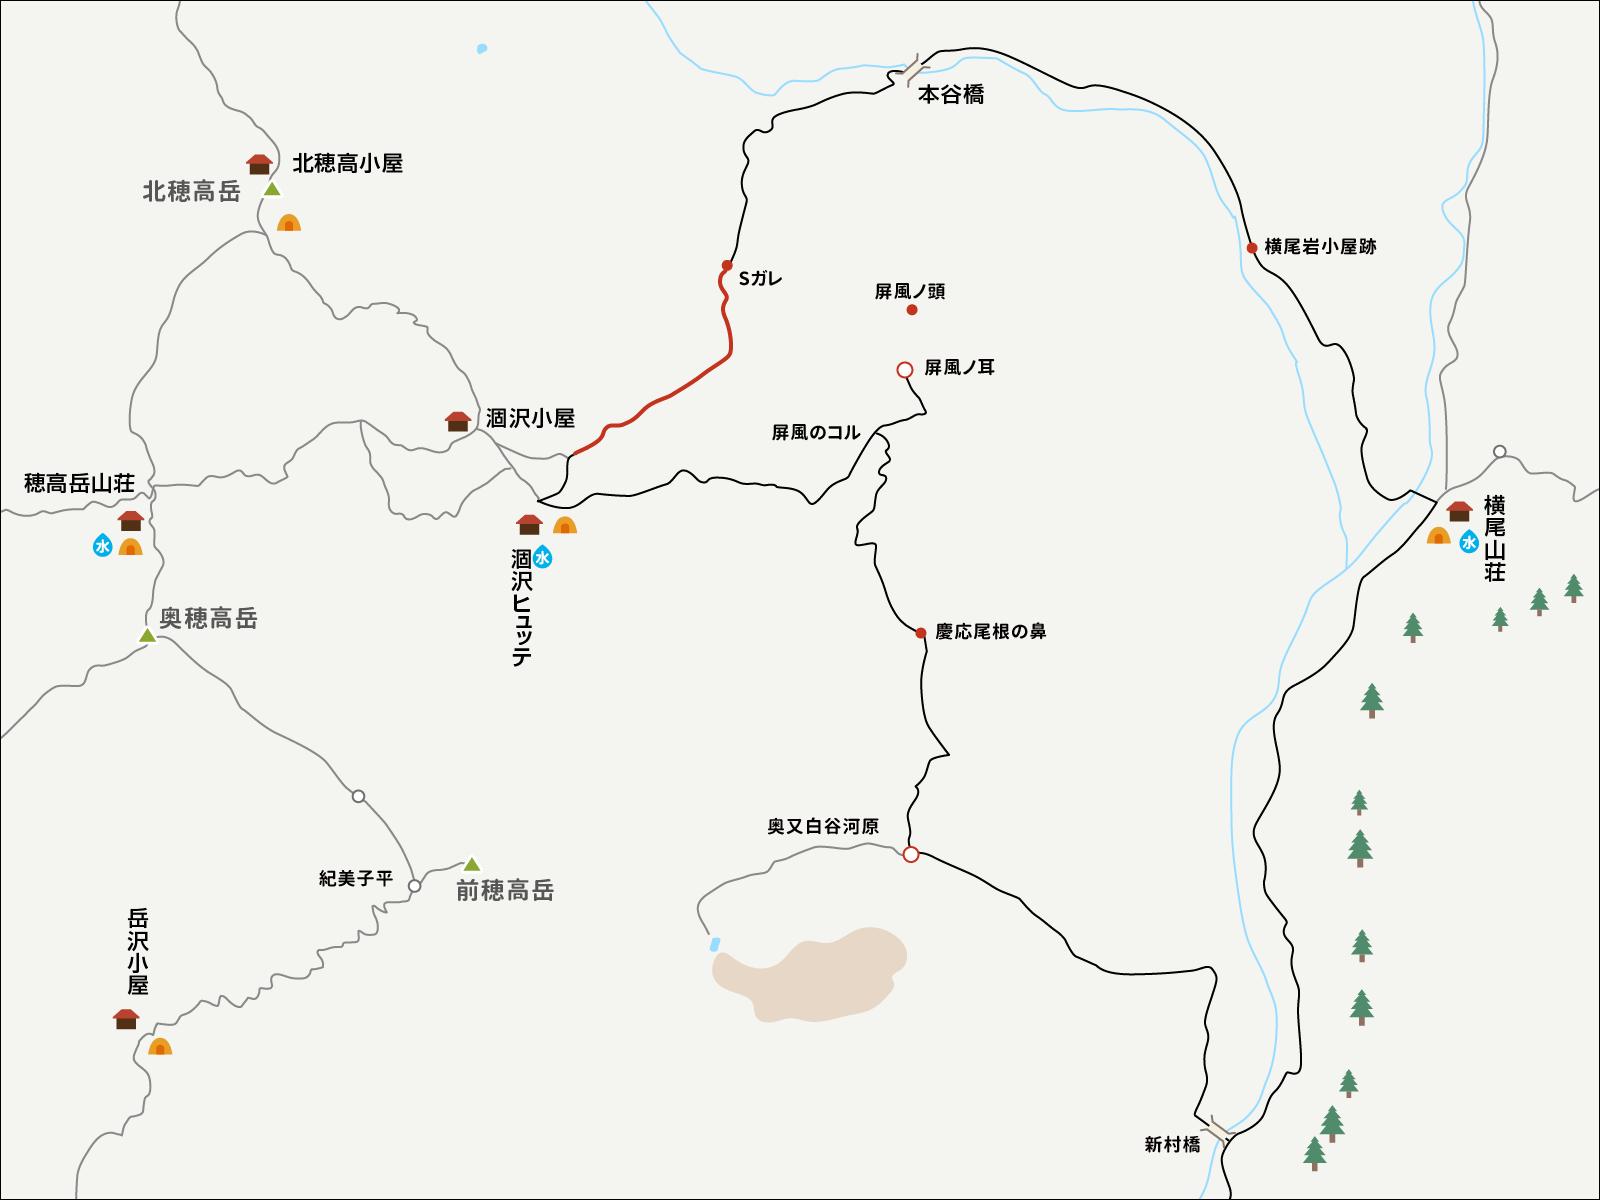 涸沢で単独テント泊&パノラマルート下山イラストマップ3